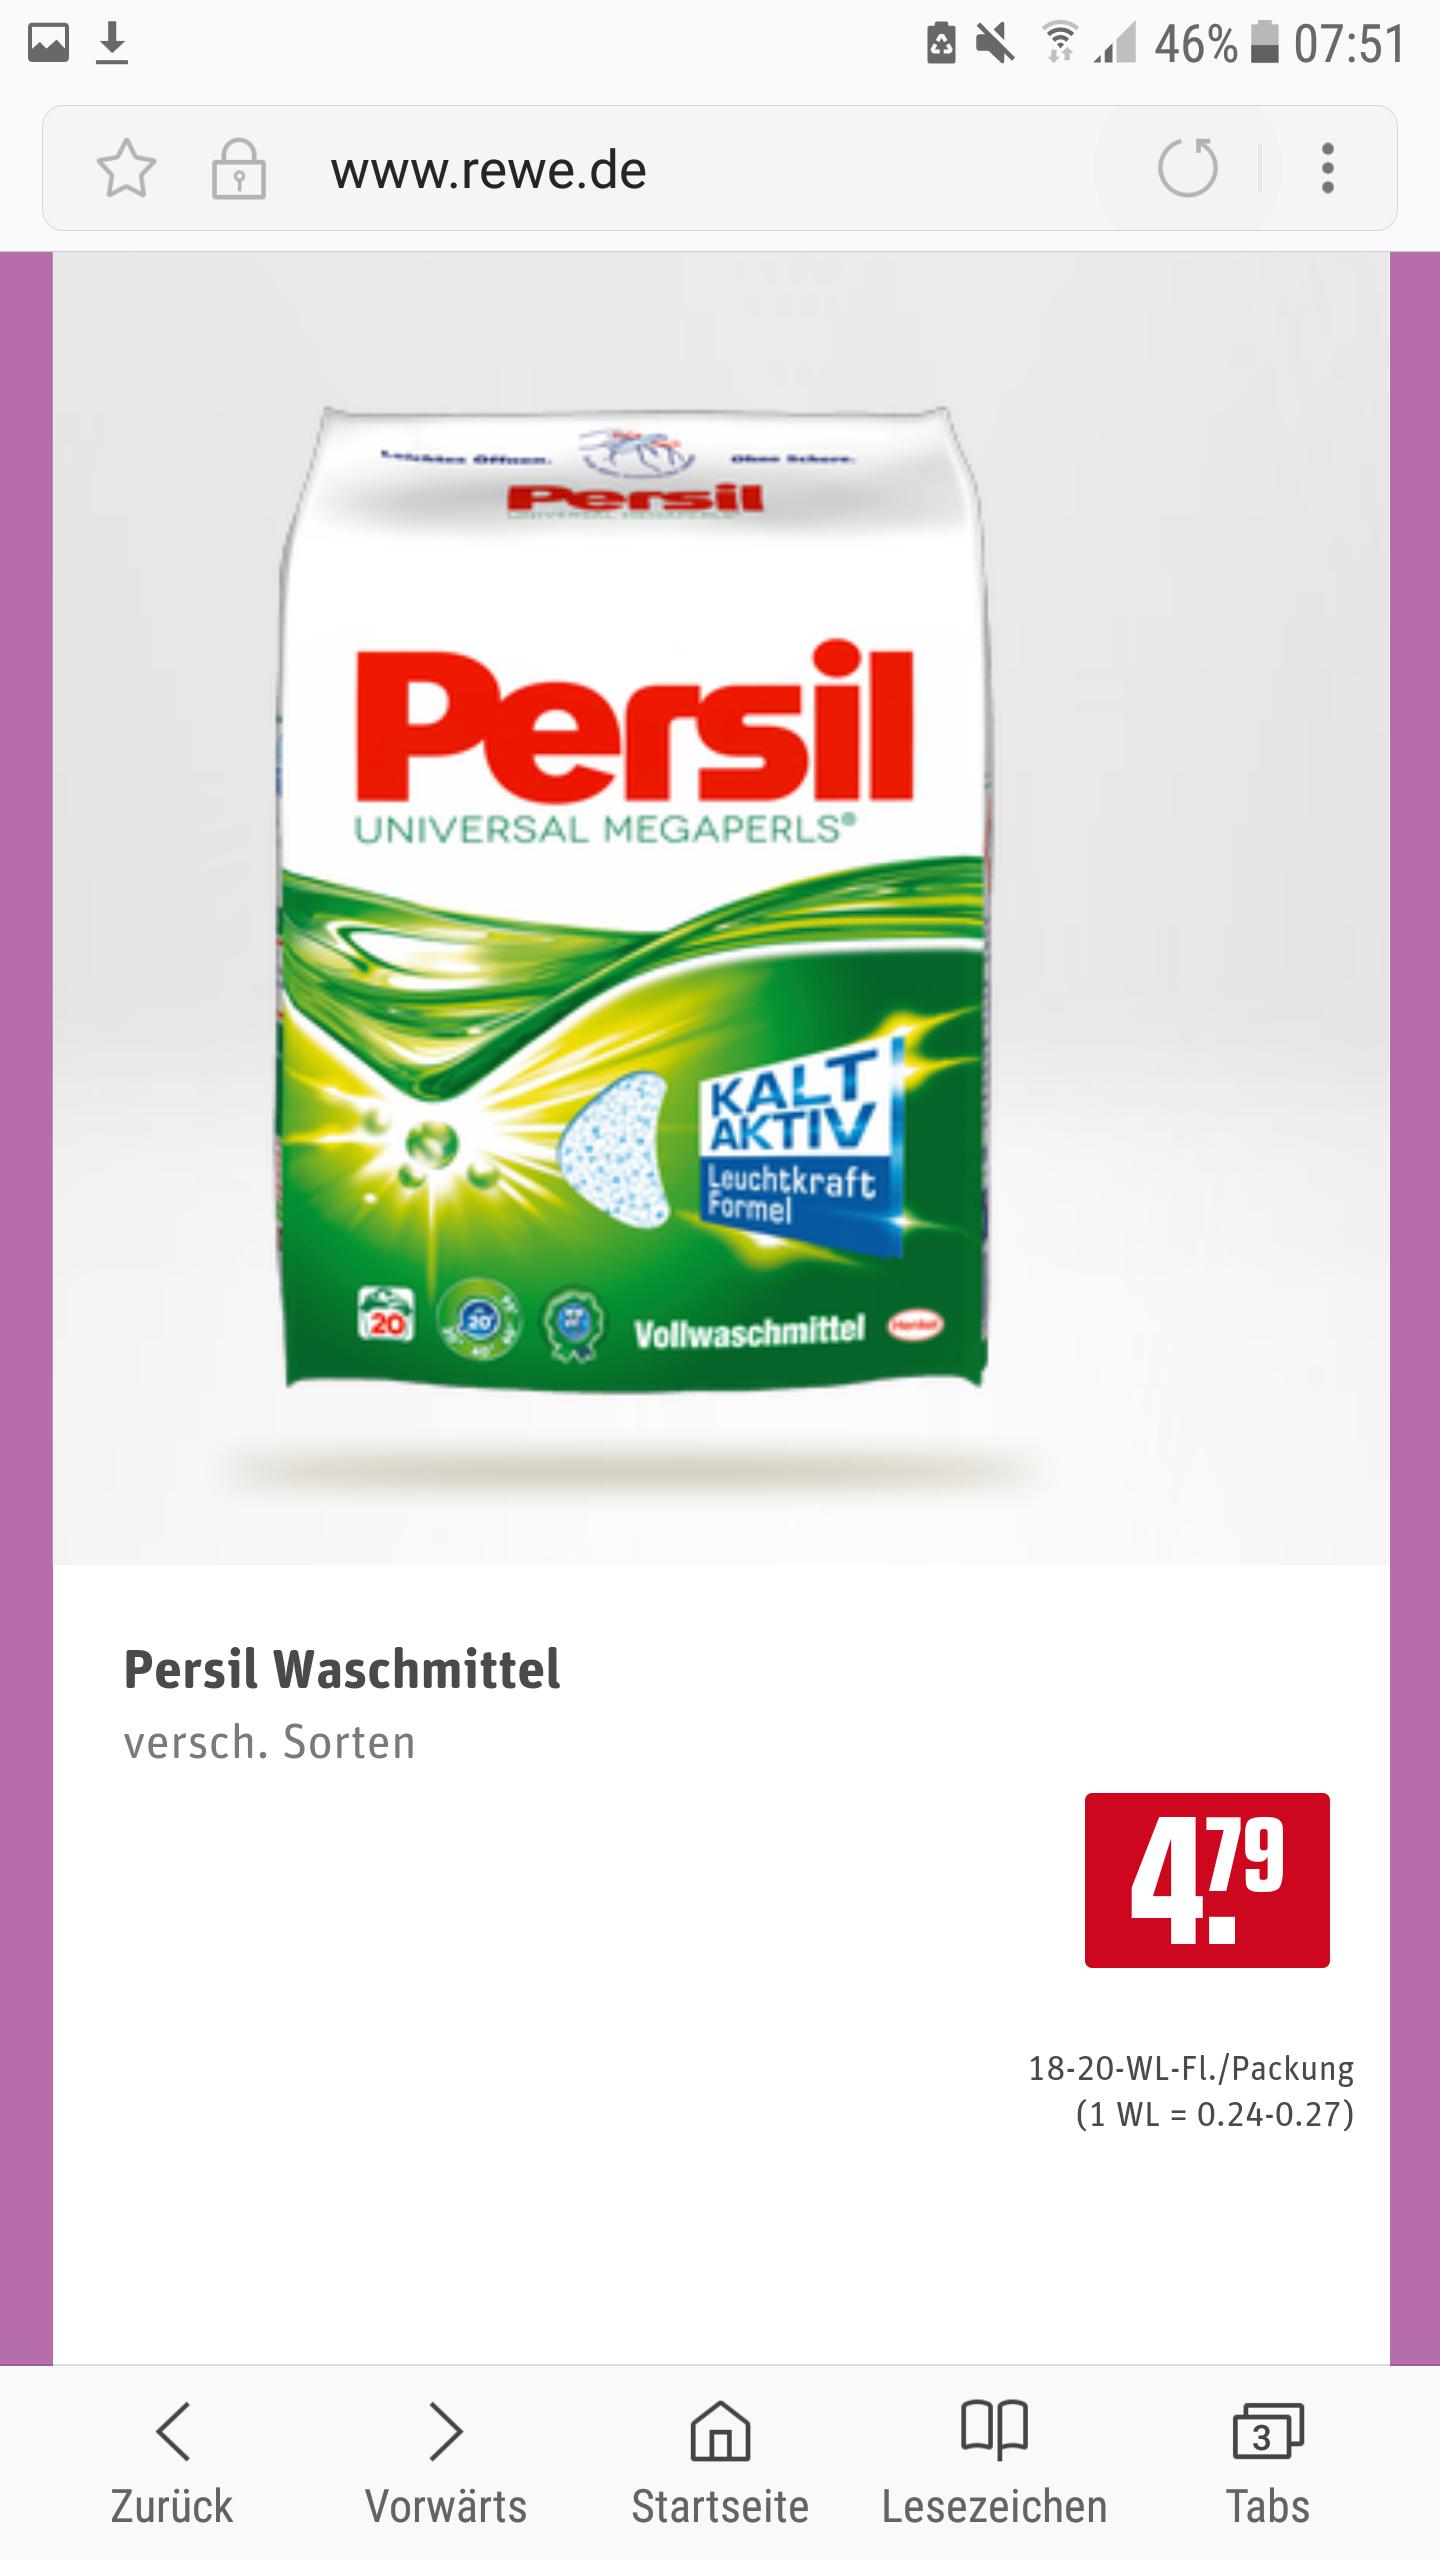 Persil Waschmittel Versch. Sorten, 4,79 Euro zzgl. 10fach Payback